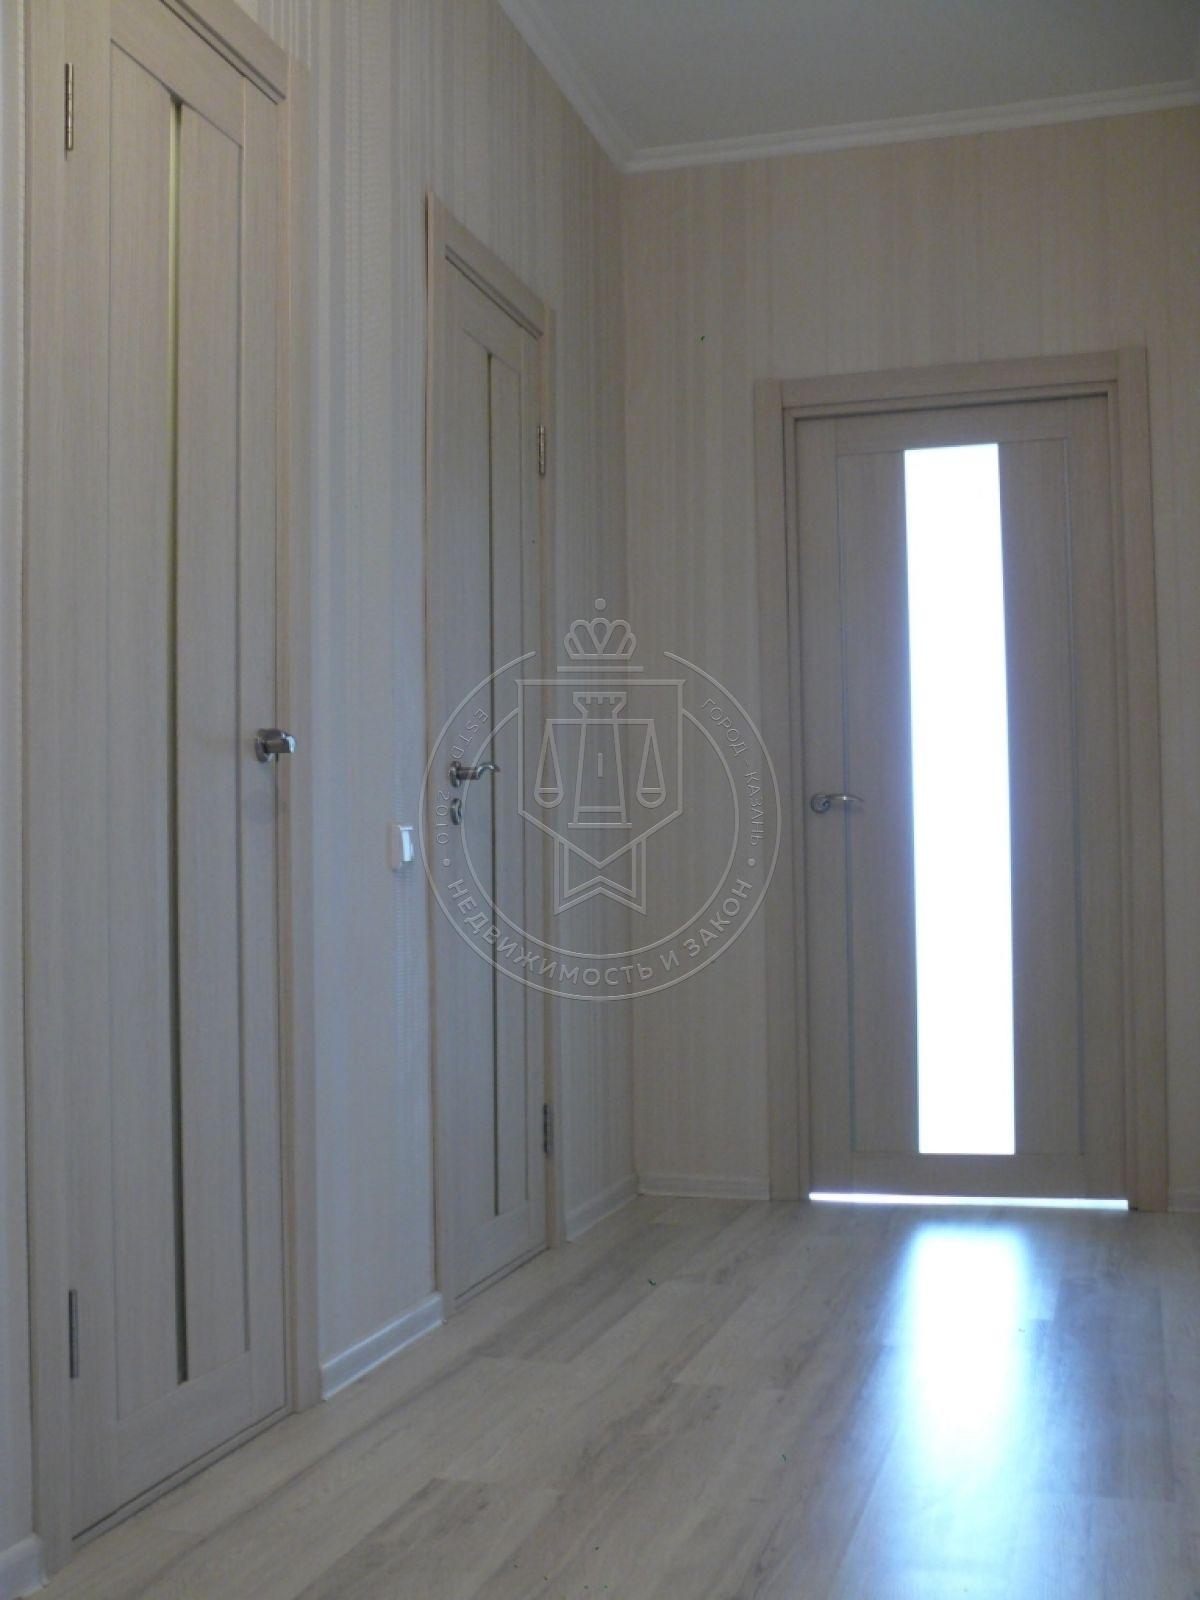 2-к квартира, 61 м², 16/16 эт., Адоратского ул, 4а (миниатюра №3)